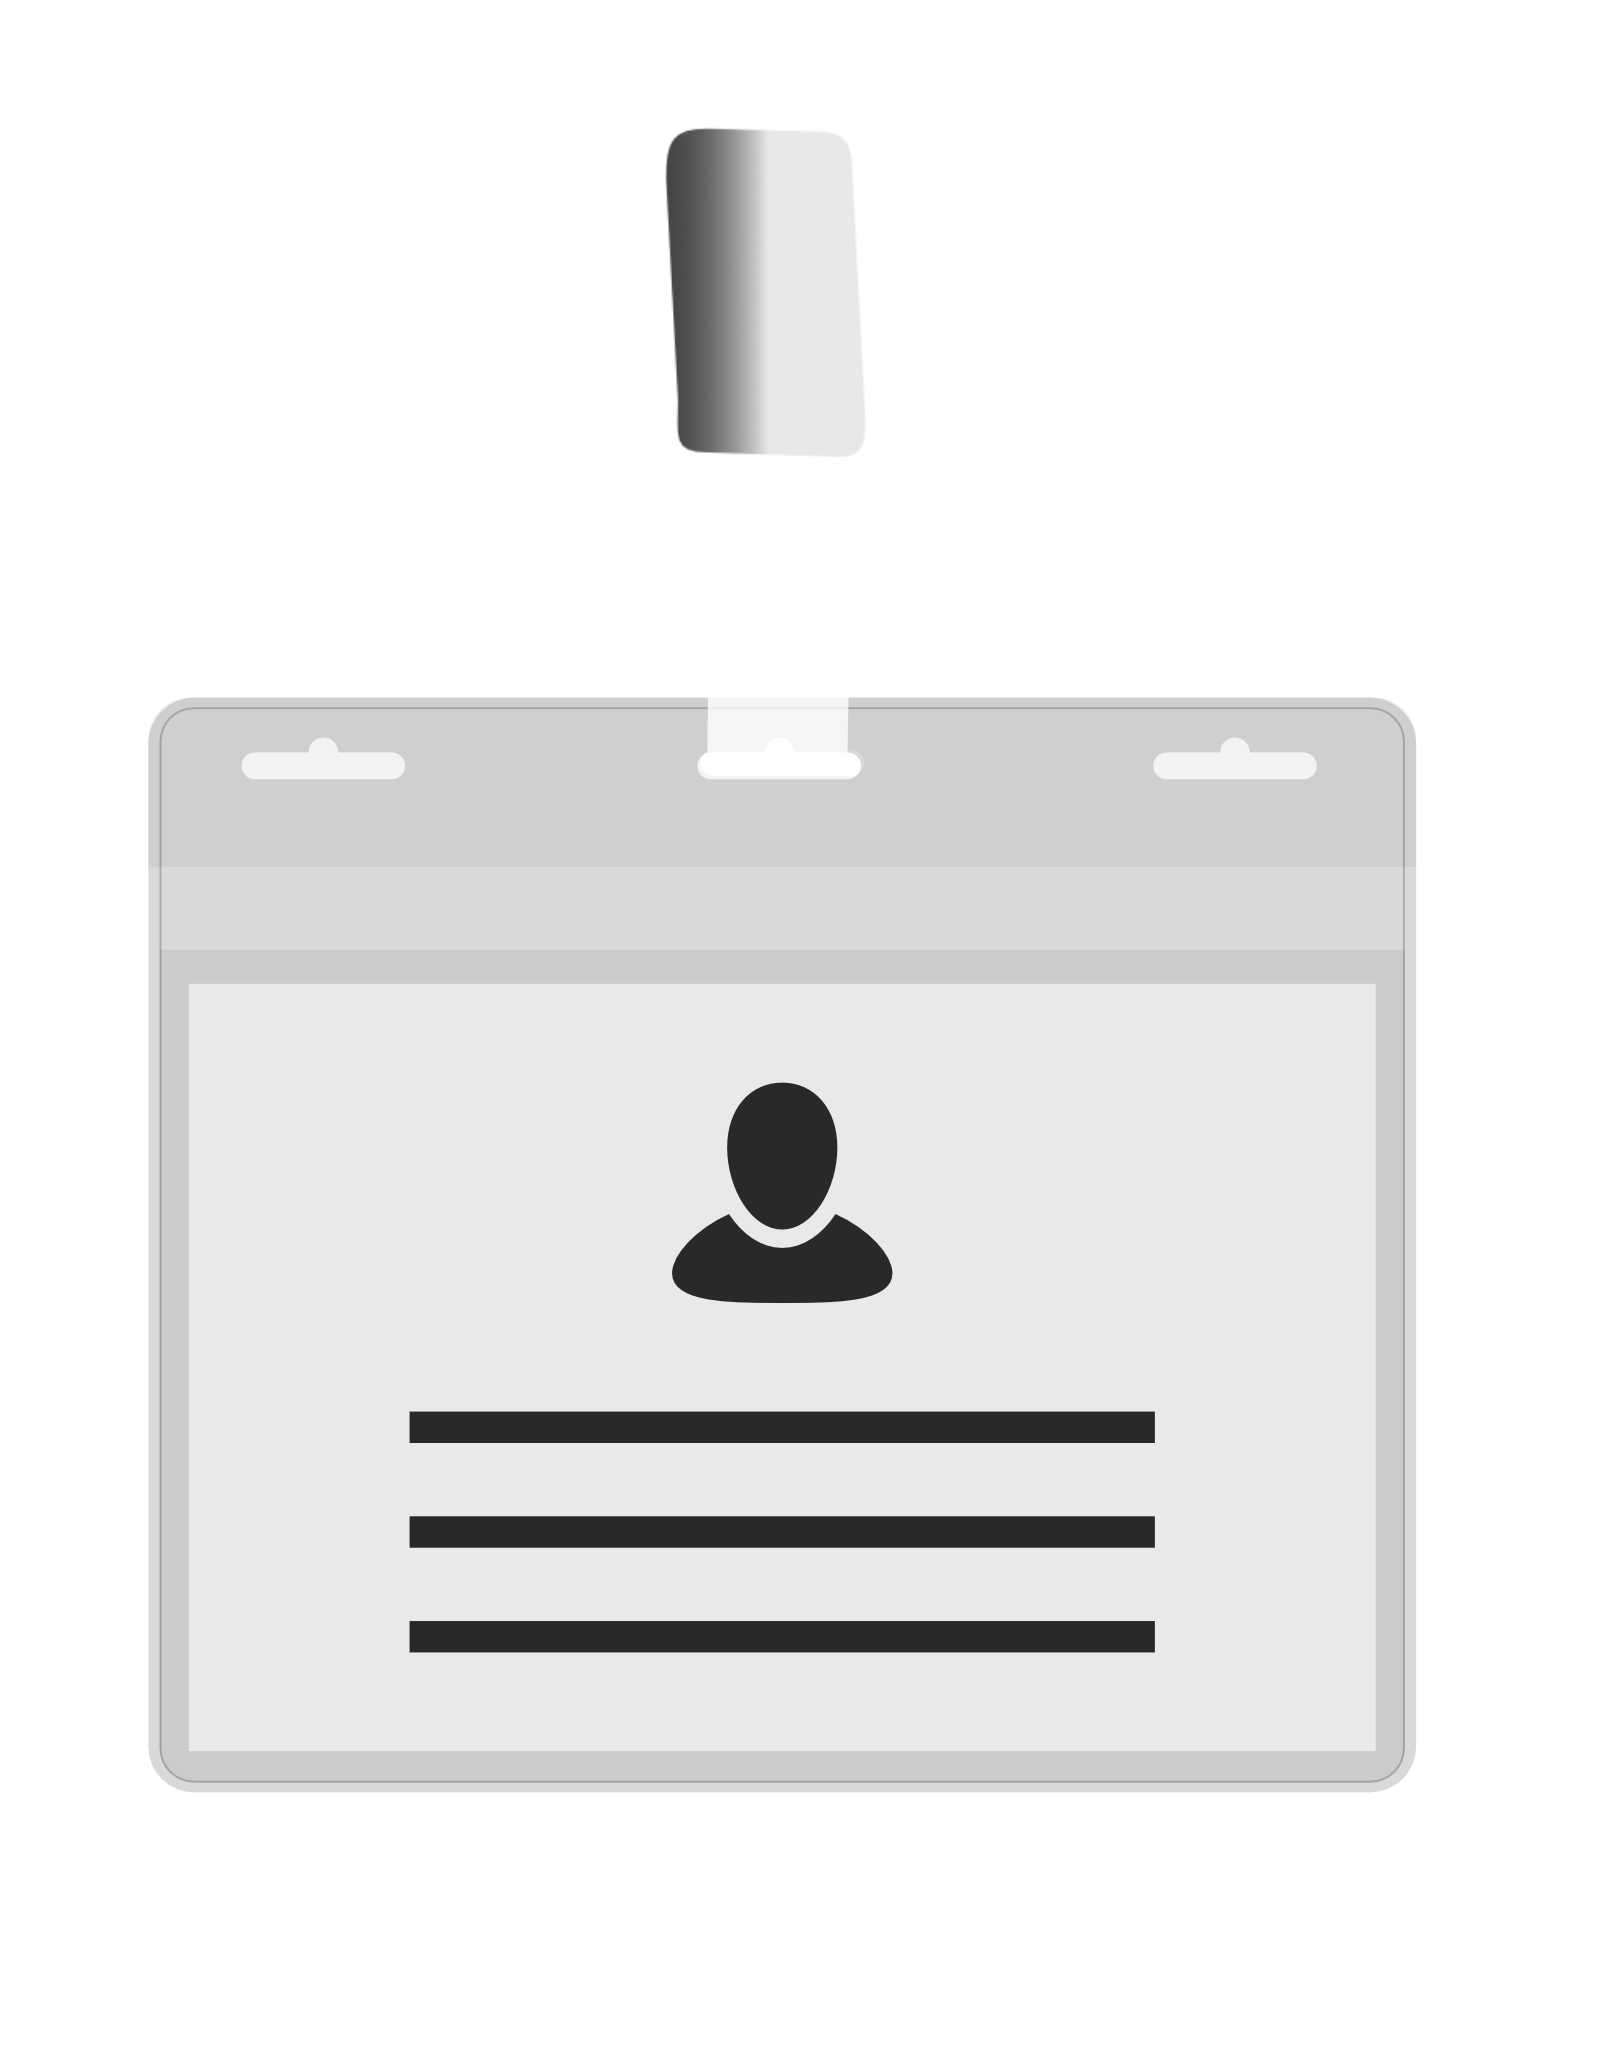 MeetingLinq BIO-D Ausweishülle, Din A7-Format 3 Steckplatze. Format A6. Zertifizierter biologisch abbaubarer Ausweisinhaber.